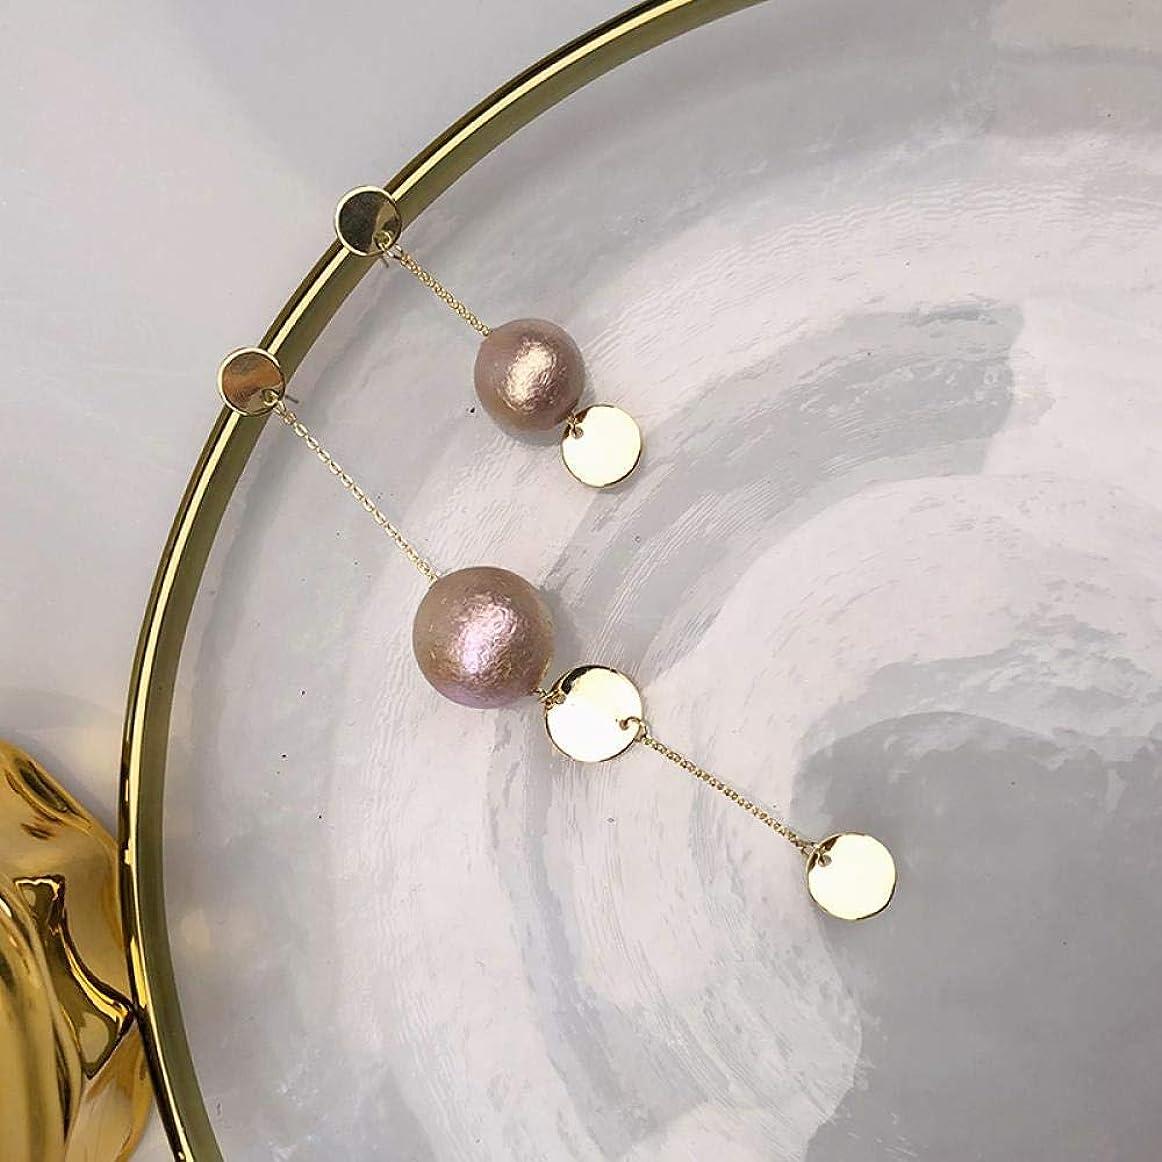 事務所同性愛者北西WXQ-XQ ロングとショート非対称の模造真珠のイヤリング女性の人格シンプルで汎用性の高い気質のイヤリング イヤリング